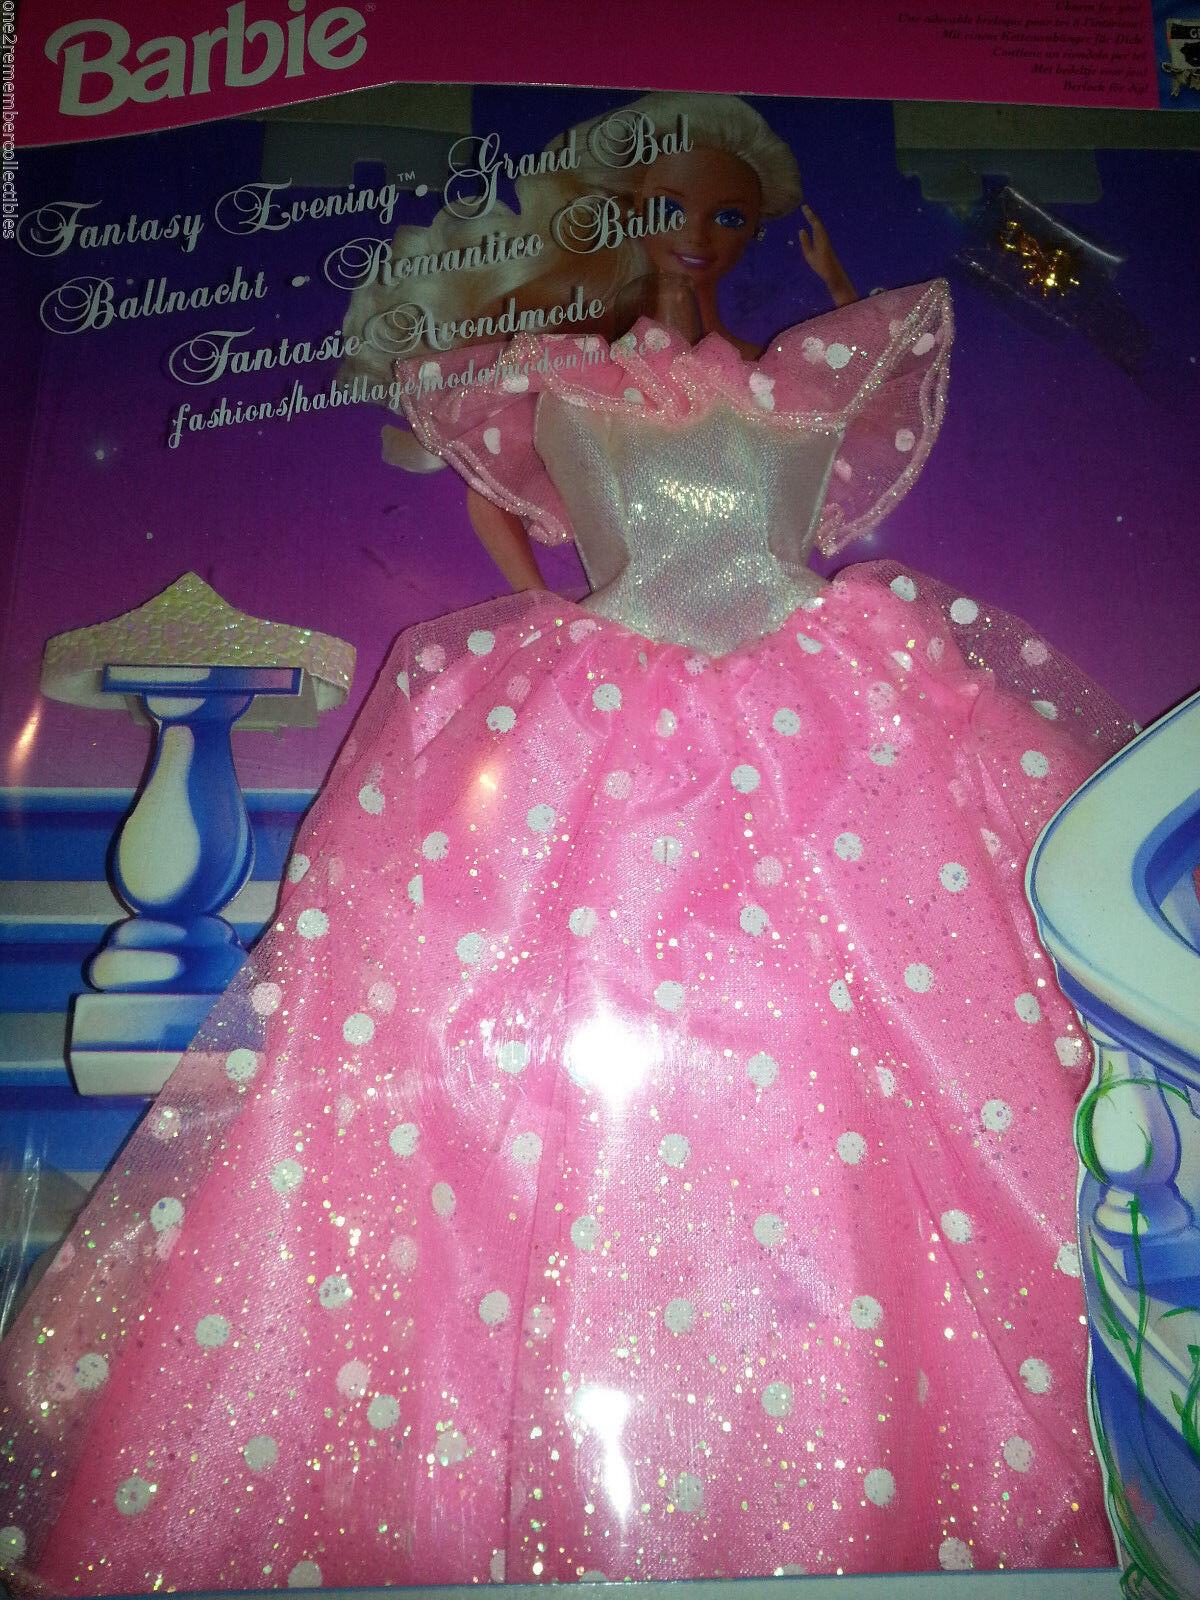 Barbie Fantasy Abendkleid Krone Schuhe Outfit Kleidung 1994 Mattel Grand Ball